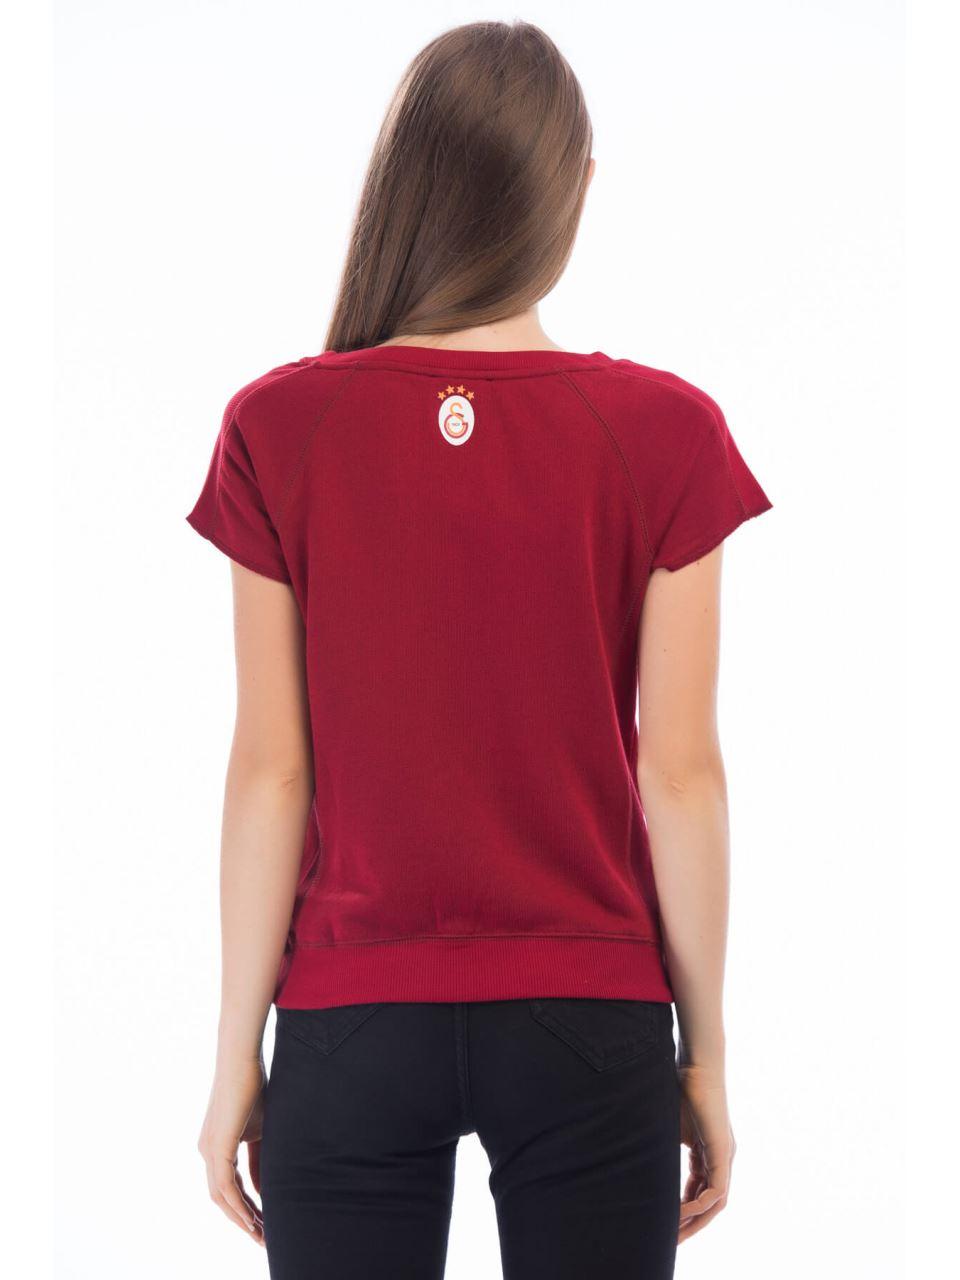 K80141 T-shirt